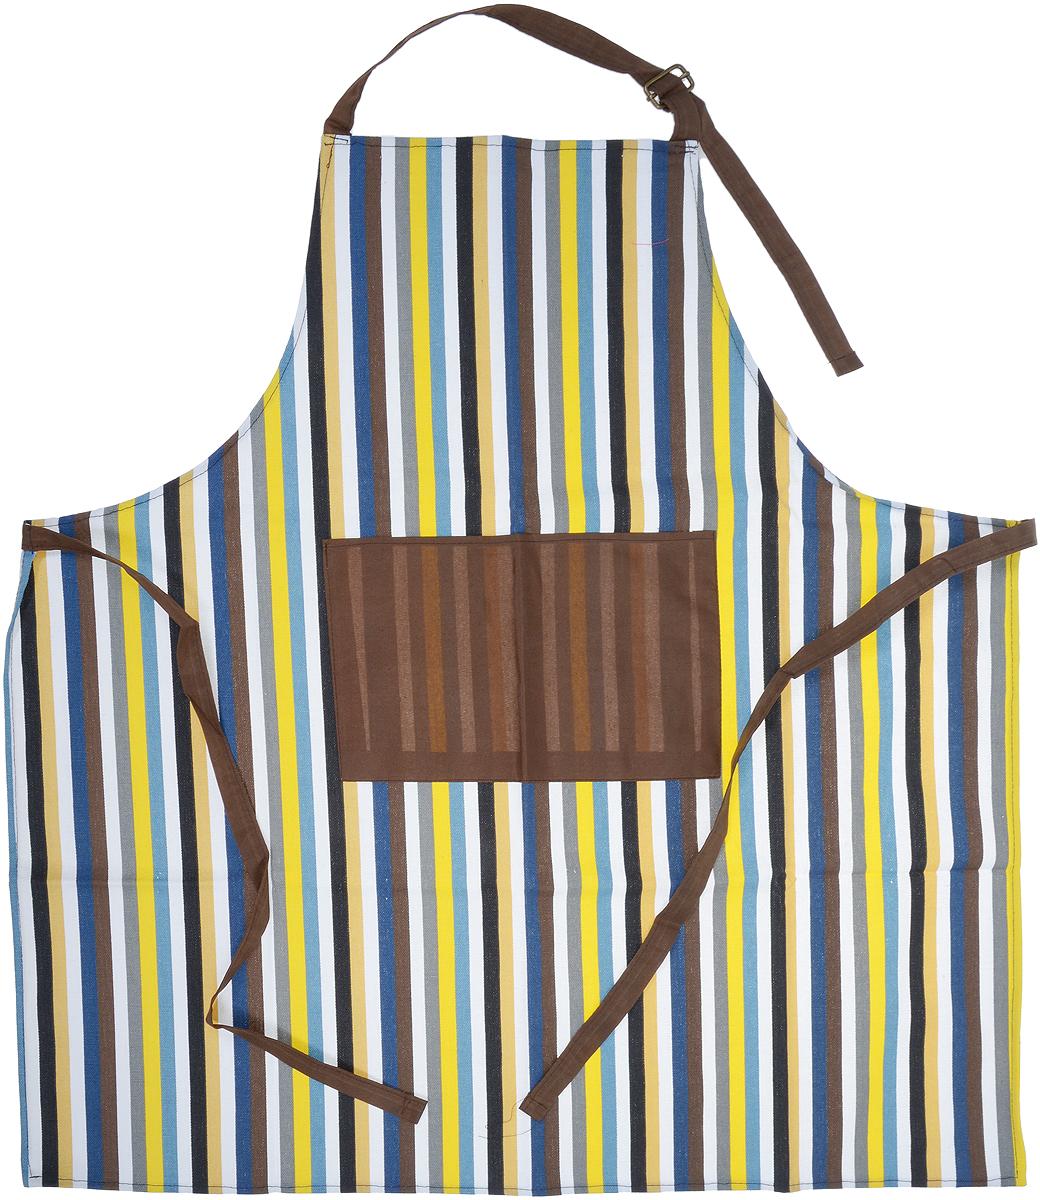 Фартук Schaefer, 70 х 80 см. 07233-116_407233-116_4Фартук Schaefer, изготовленный из натурального 100% хлопка, оснащен карманом и регулируемым шейным ремешком, который поможет подогнать фартук по вашему росту. Также пояс можно завязать сзади или обернуть вокруг талии. Такой фартук поможет вам избежать попадания еды на одежду во время приготовления пищи. Кухня - это сердце дома, где вся семья собирается вместе. Она бережно хранит и поддерживает жизнь домашнего очага, который нас согревает. Именно поэтому так важно создать здесь атмосферу, которая не только возбудит аппетит, но и наполнит жизненной энергией.